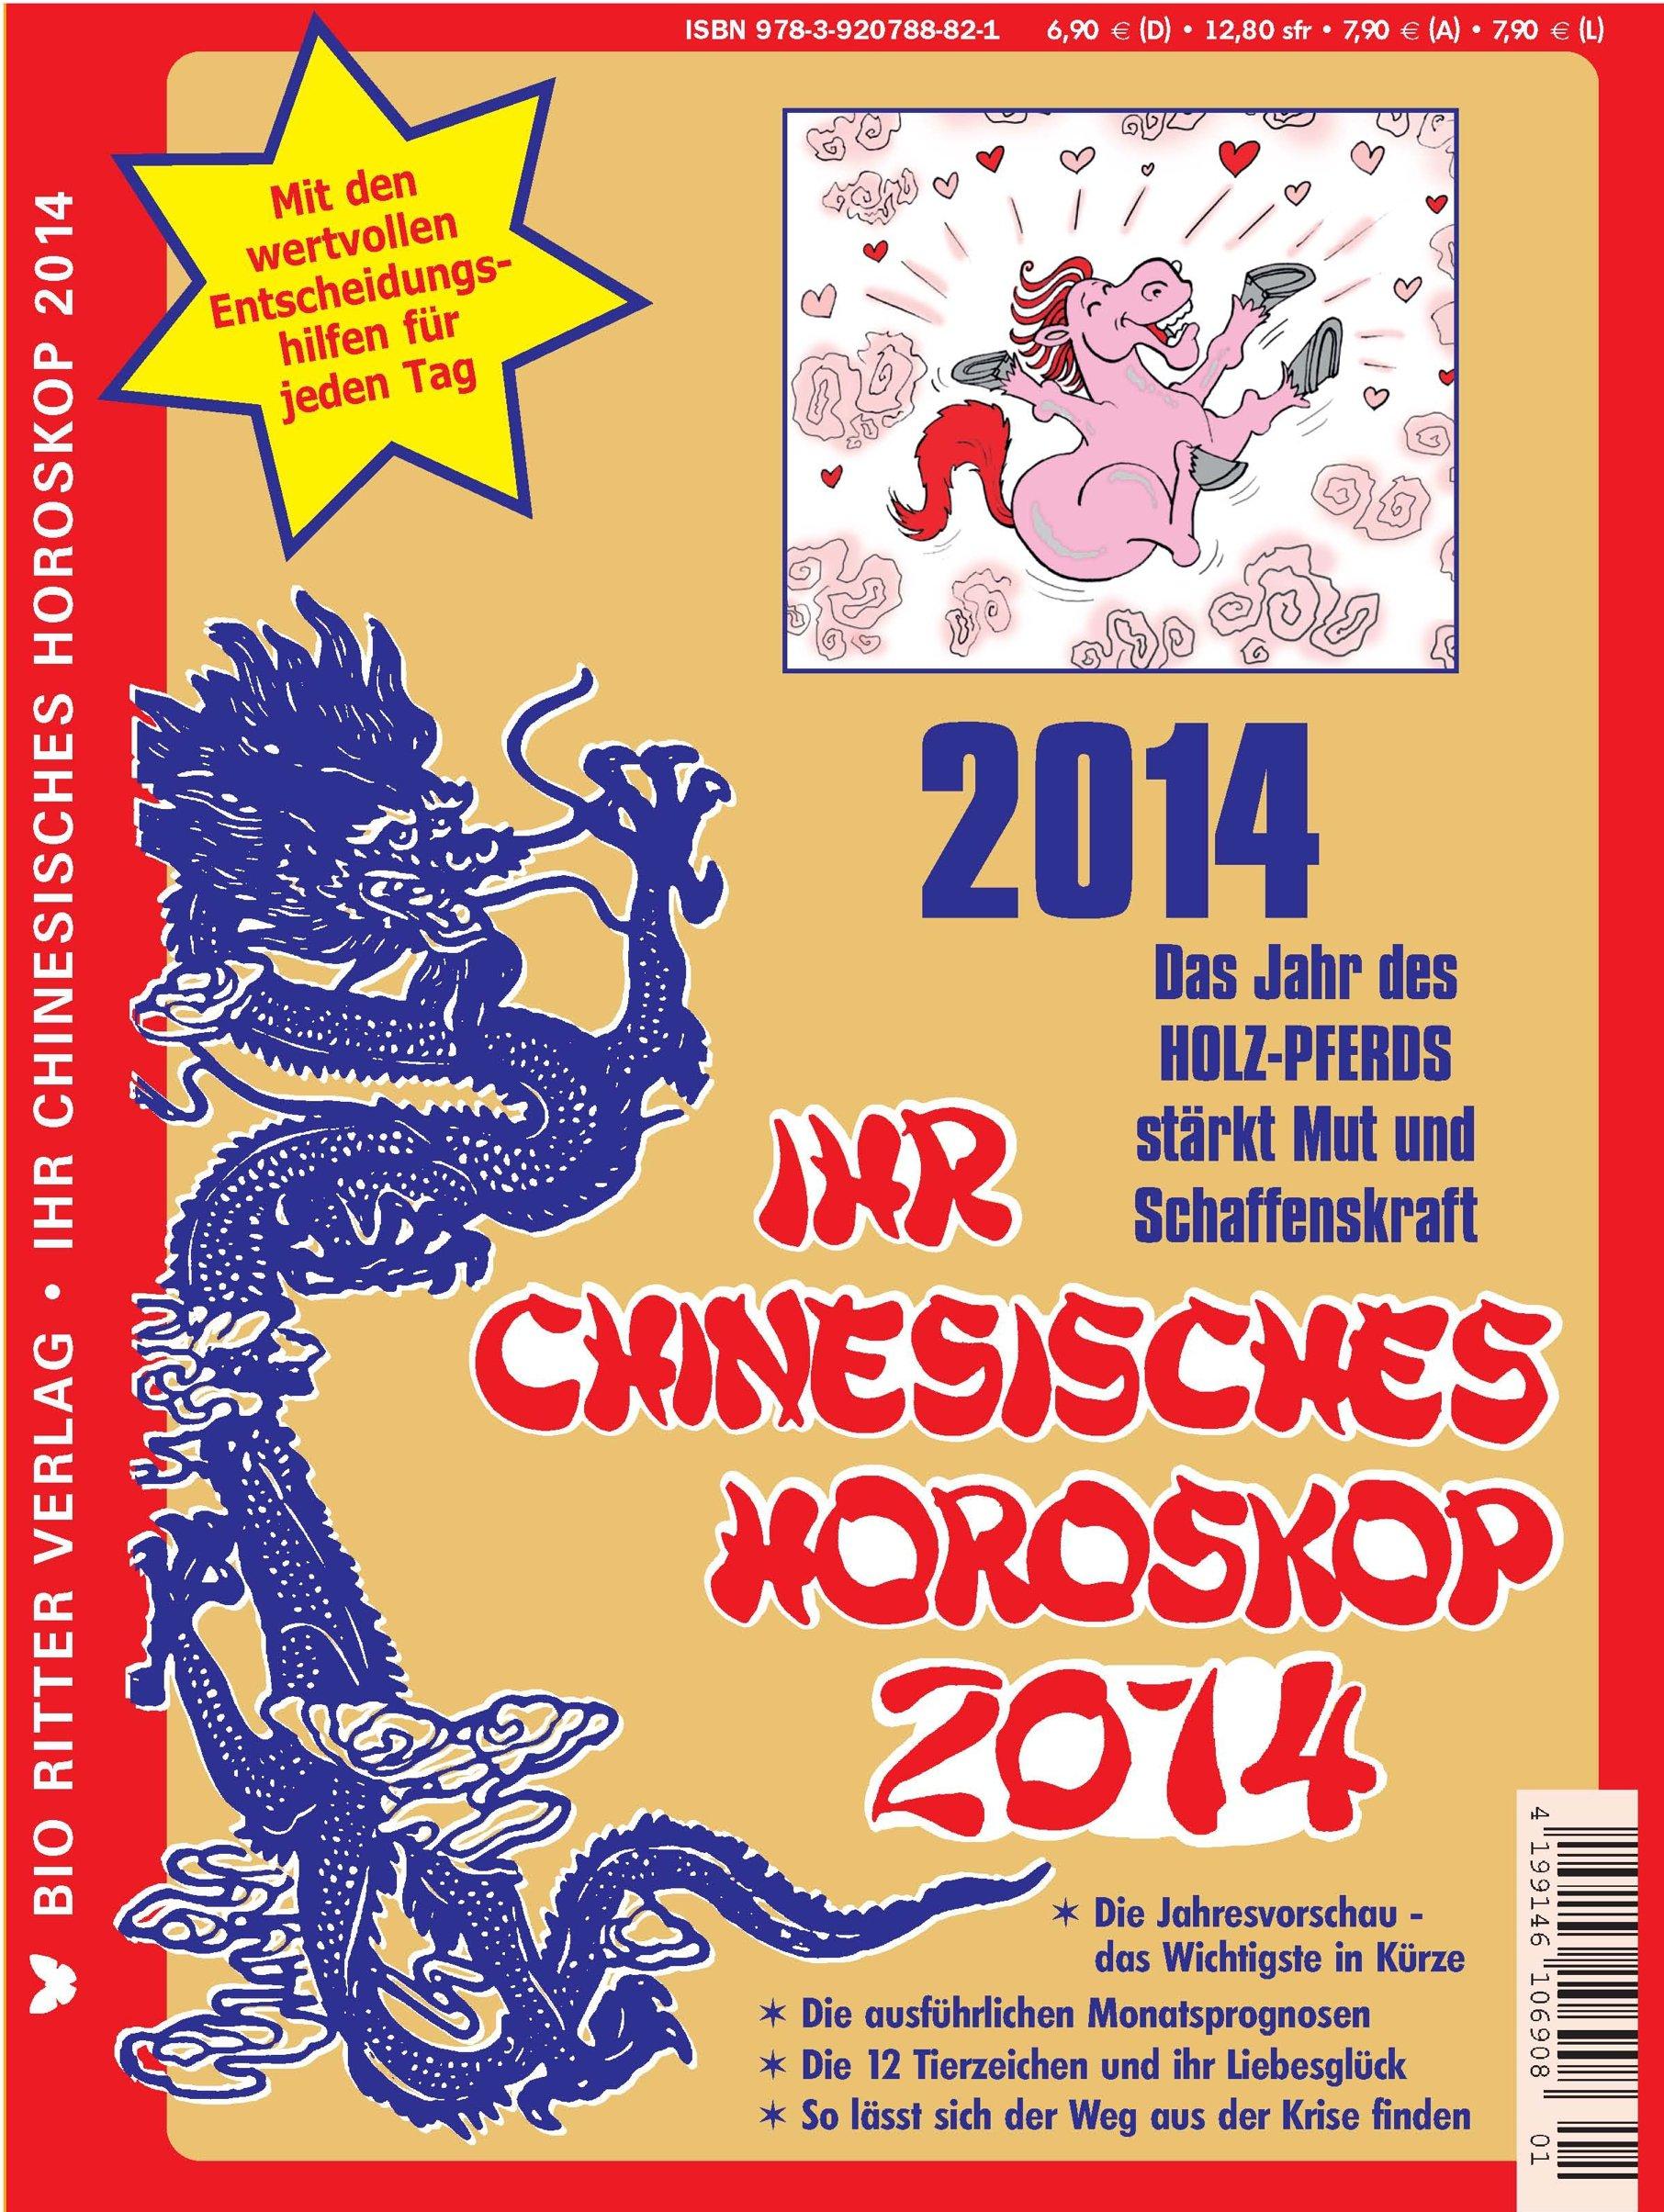 Ihr Chinesisches Horoskop 2014